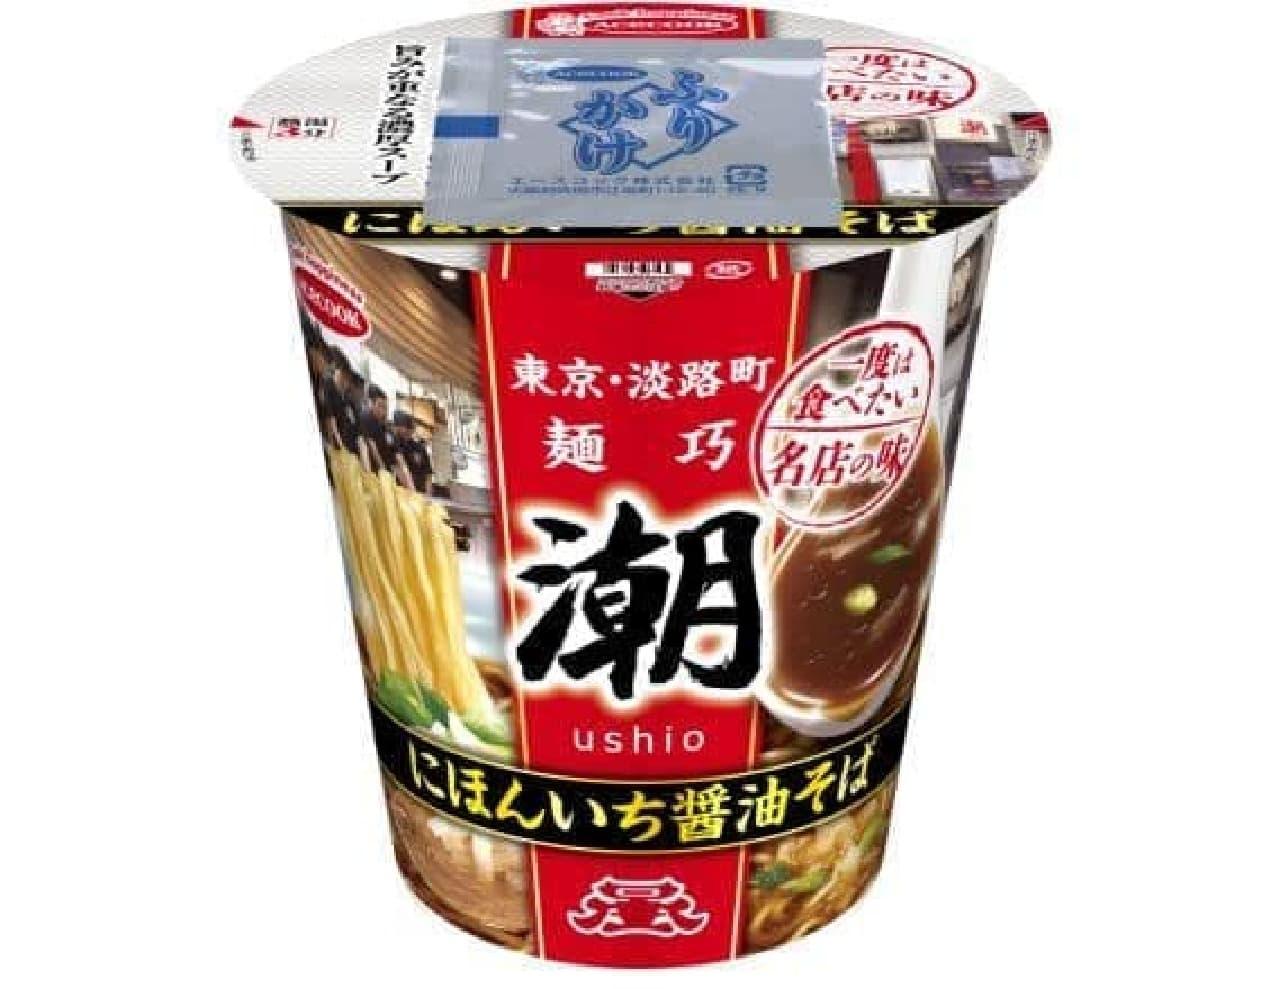 ]連日長蛇の列をつくる東京のお店「麺巧 潮」の看板メニューをカップめん化したもの